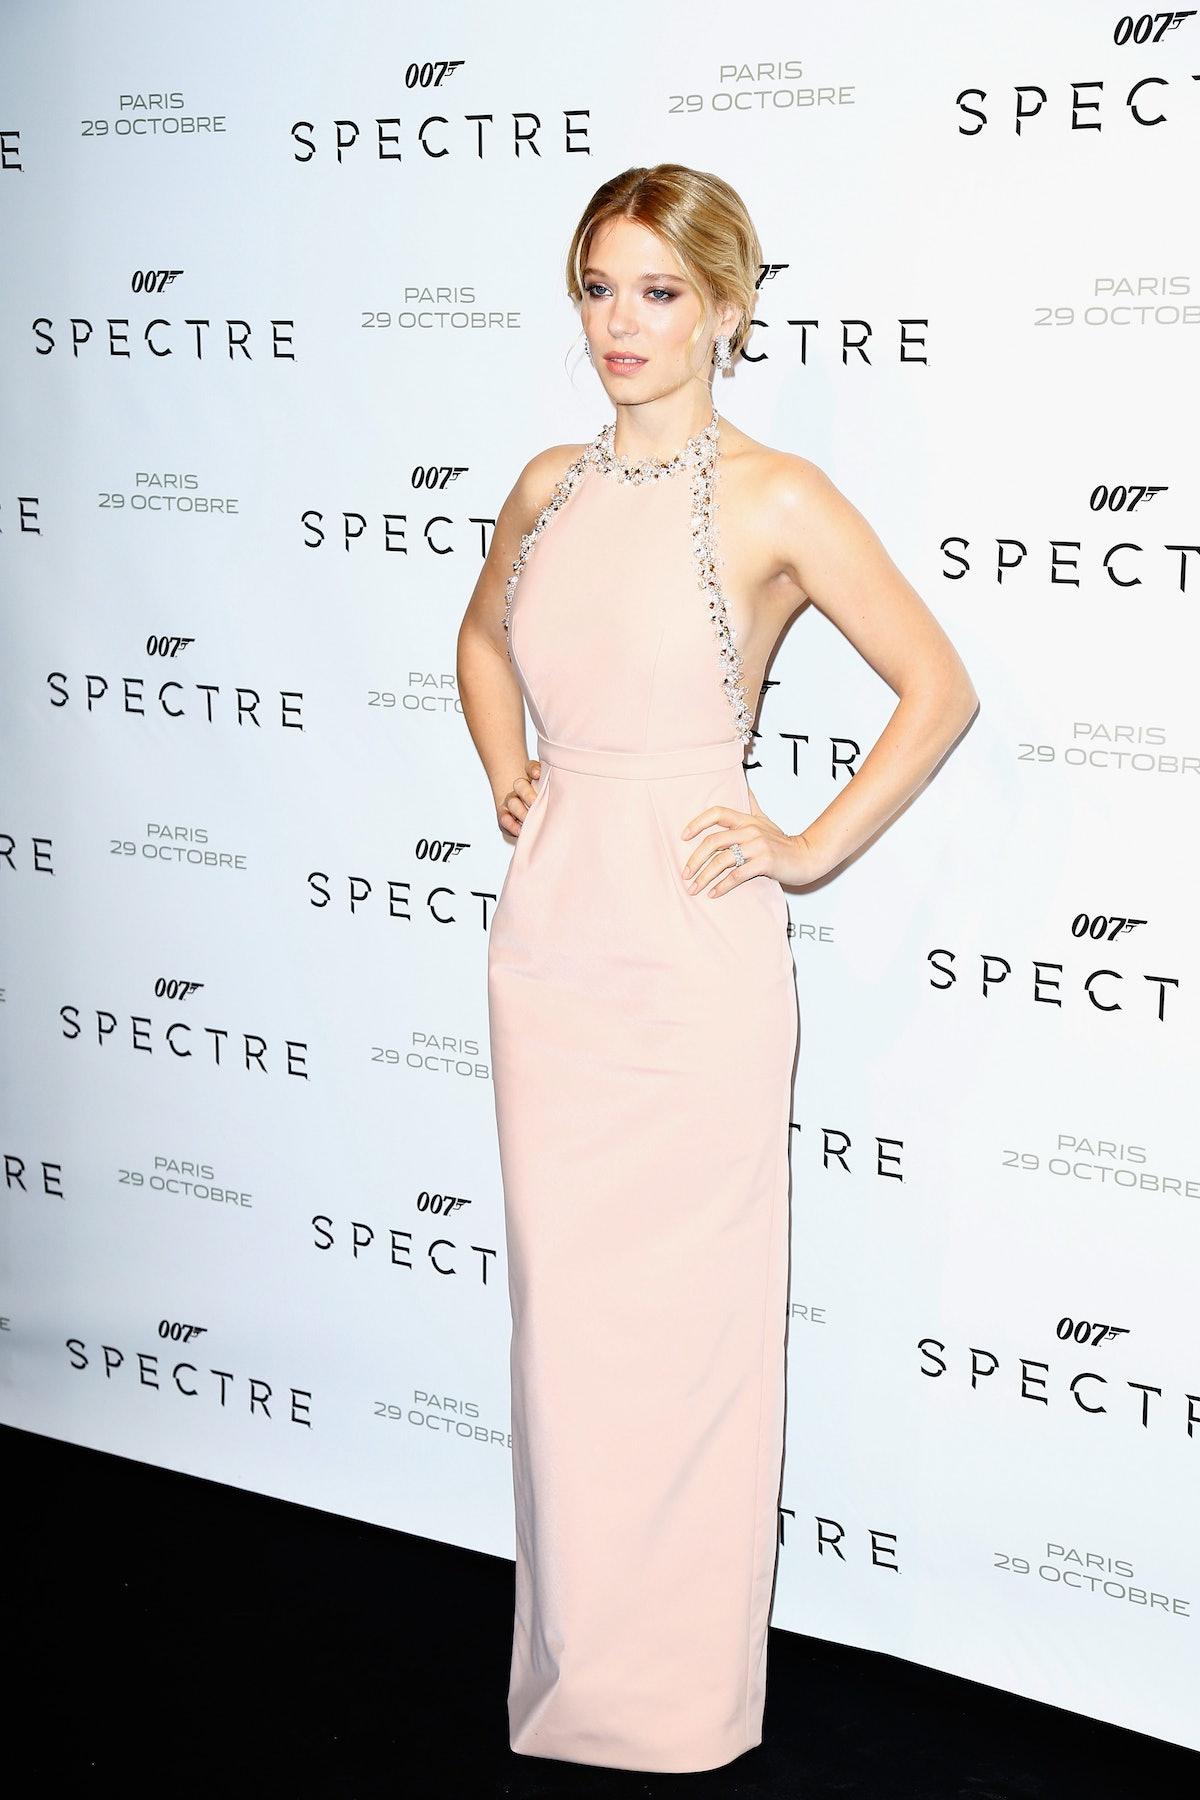 """""""007 Spectre"""" Paris Premiere At Le Grand Rex"""